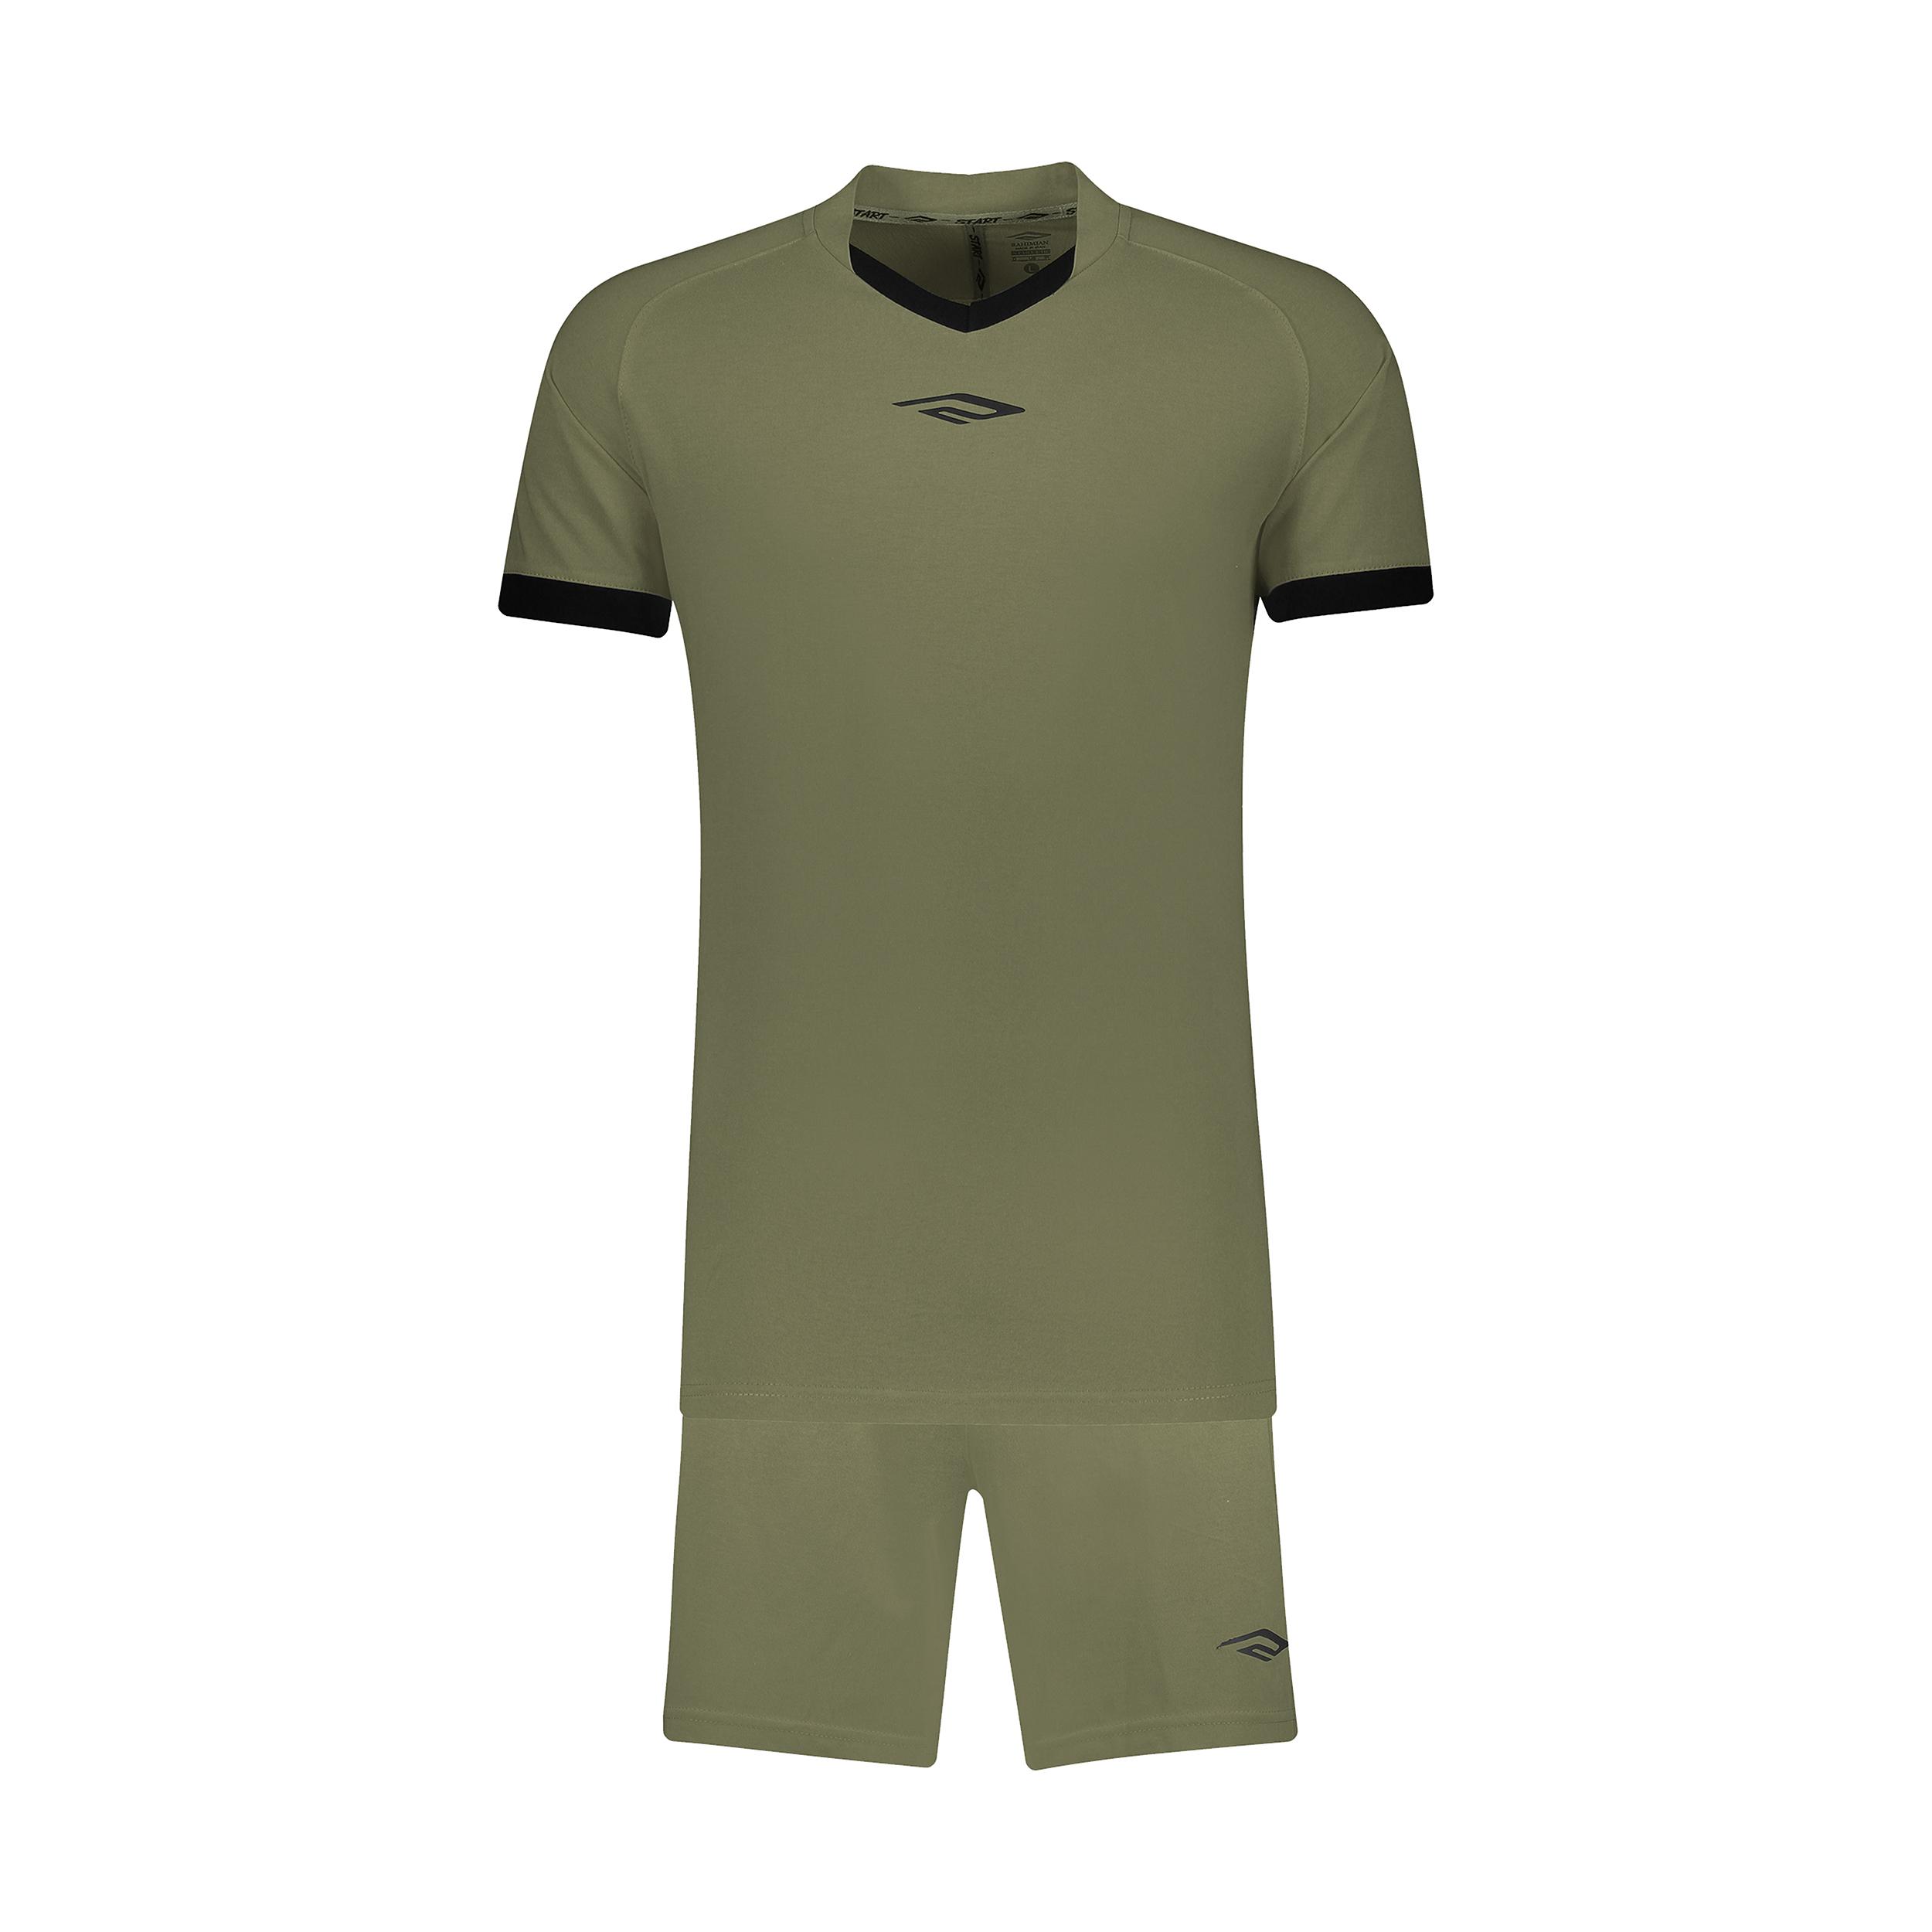 ست پیراهن و شورت ورزشی مردانه استارت مدل v1001-4 -  - 2